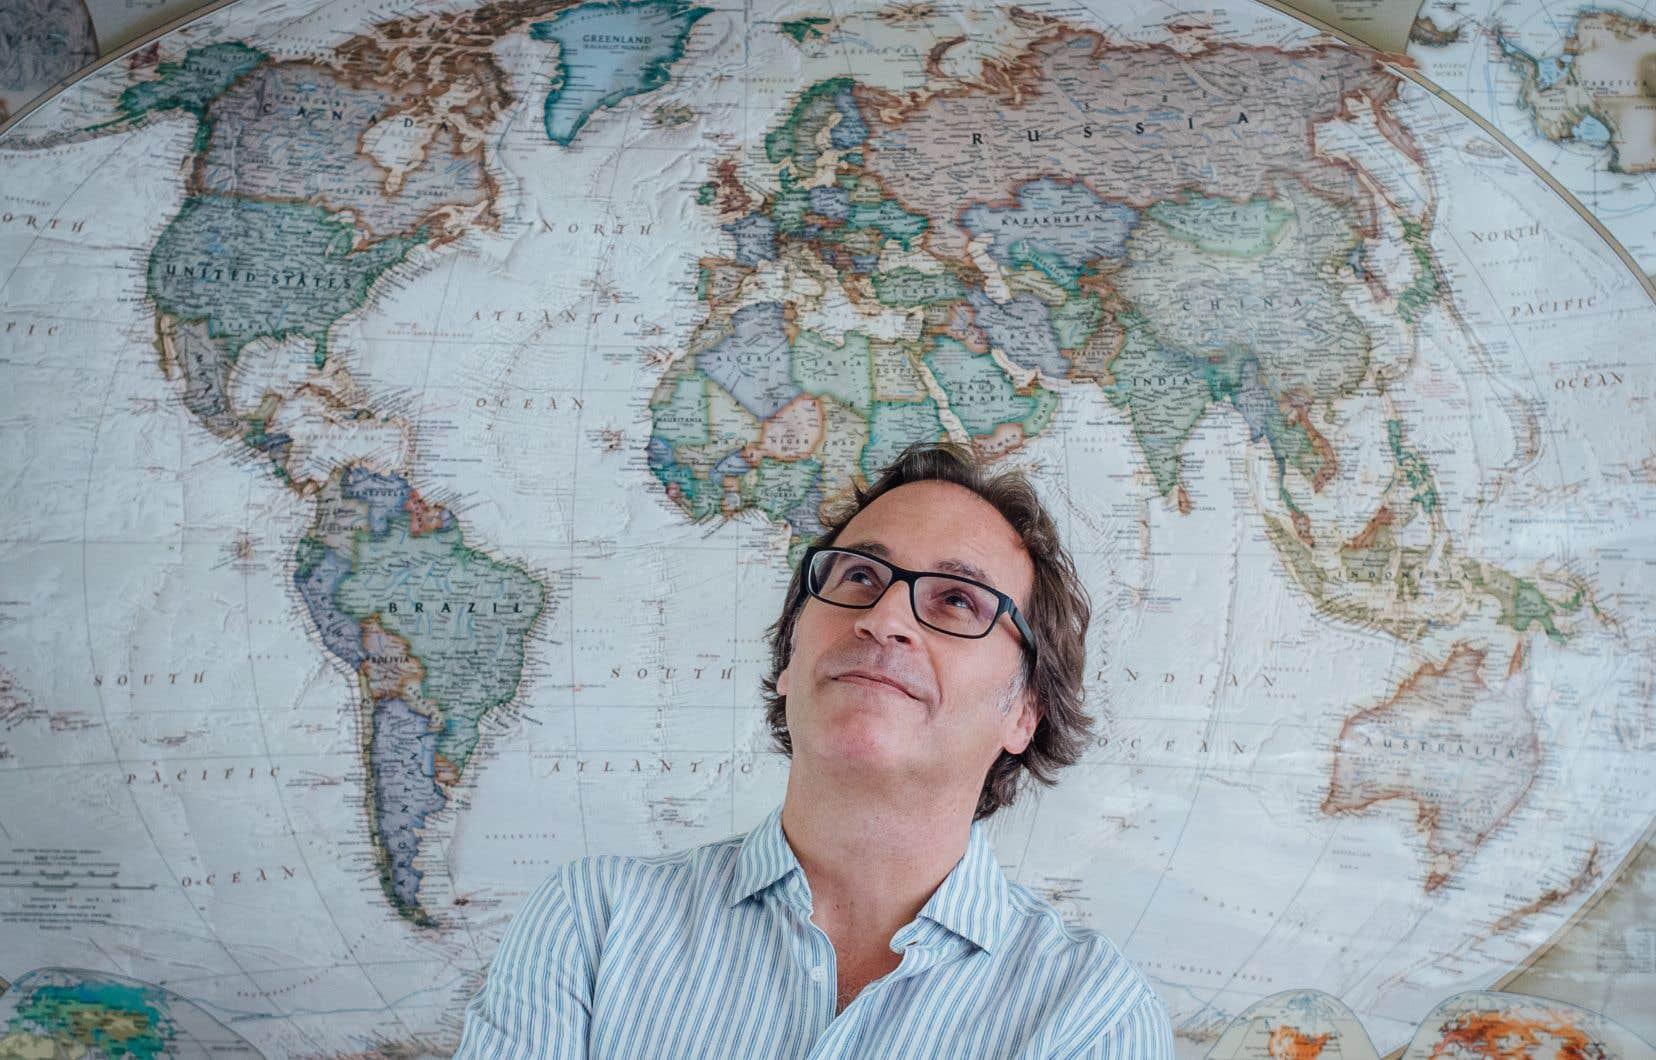 Gary Lawrence a foulé plus de 100 pays et territoires en près de 25 ans de carrière. Il a vu les paysages, les villes et les villages se transformer afin de plaire et d'accommoder la masse grandissante de voyageurs.